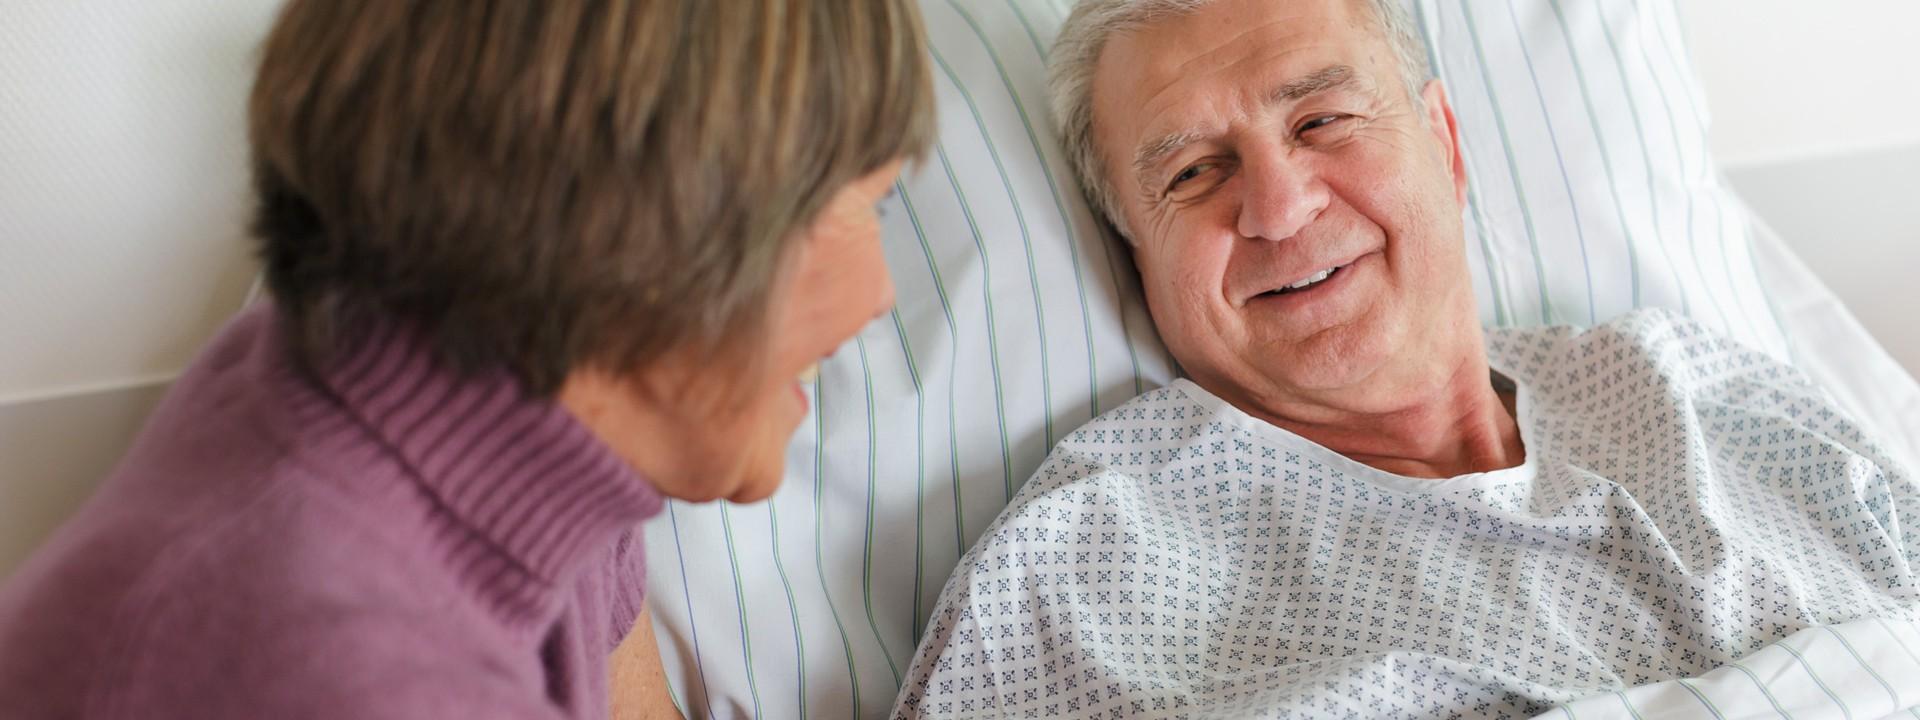 Ein älterer Mann liegt im Bett un spricht mit einer Frau.